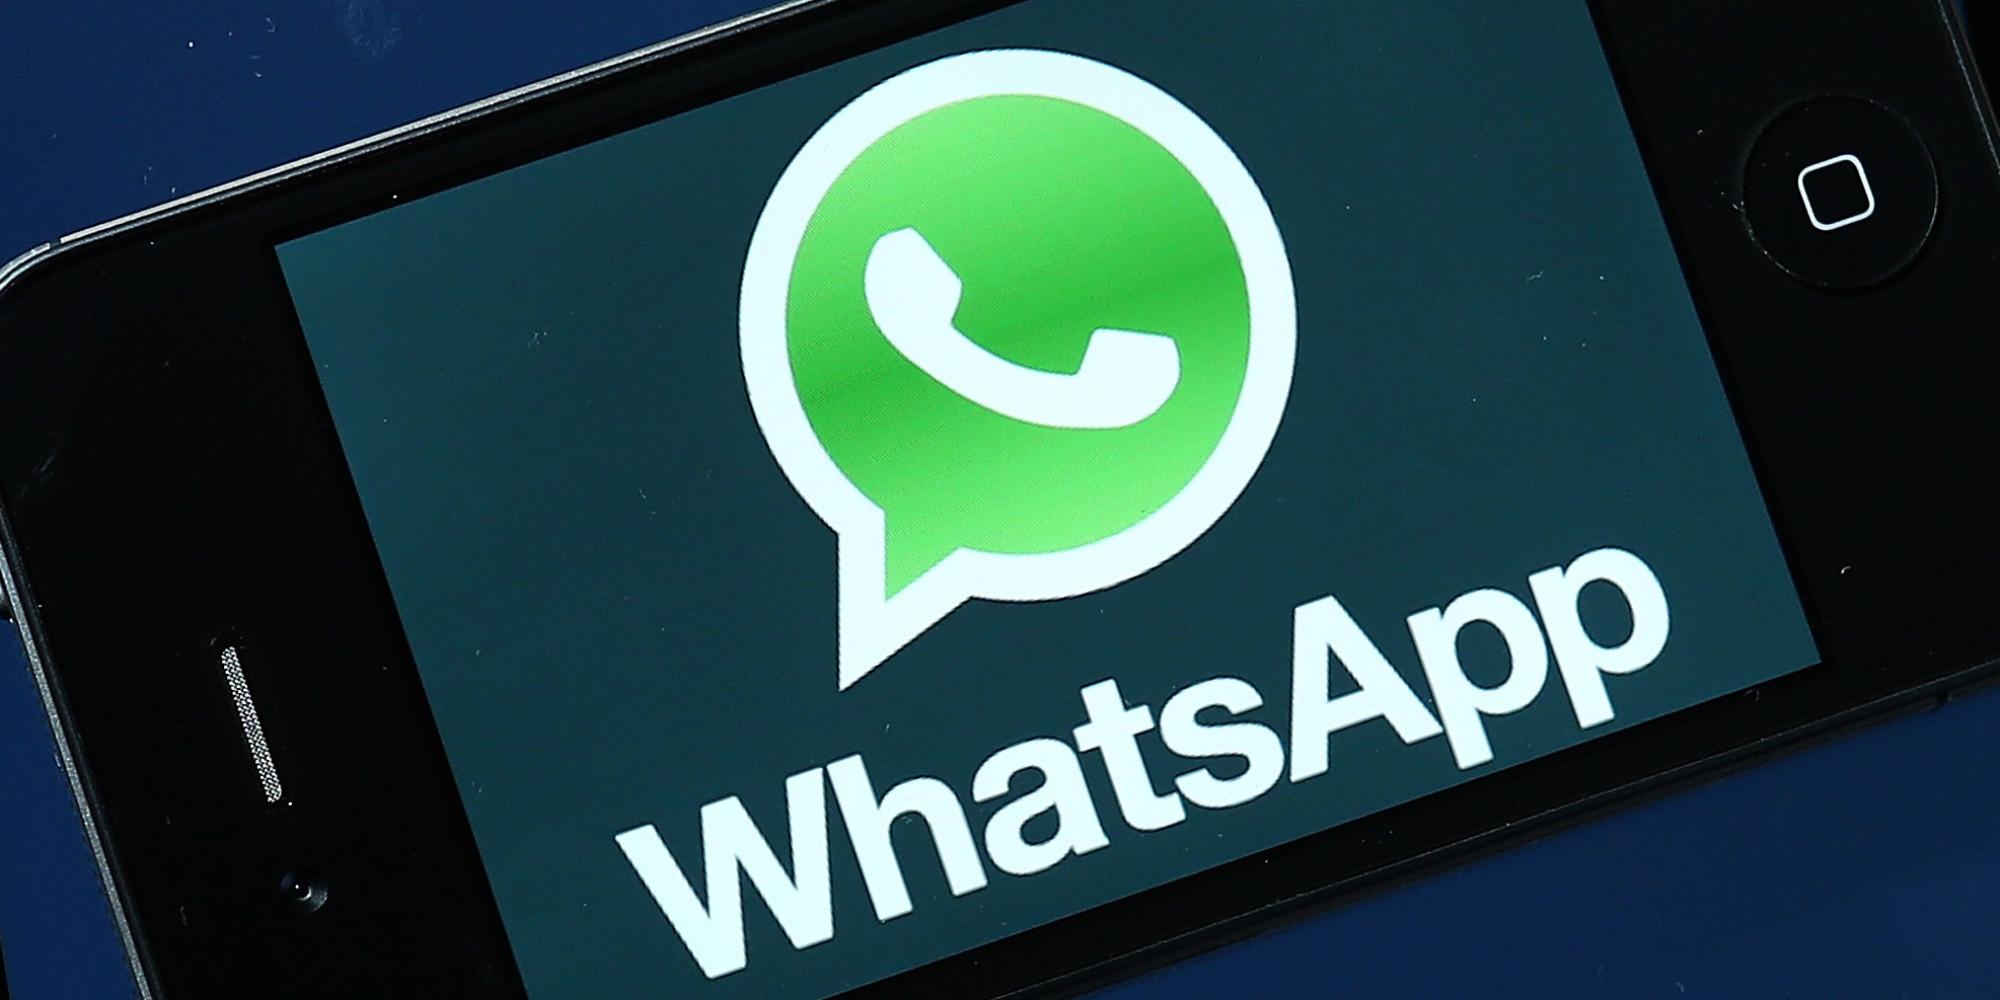 Come evidenziare un messaggio su WhatsApp in un modo molto semplice 2